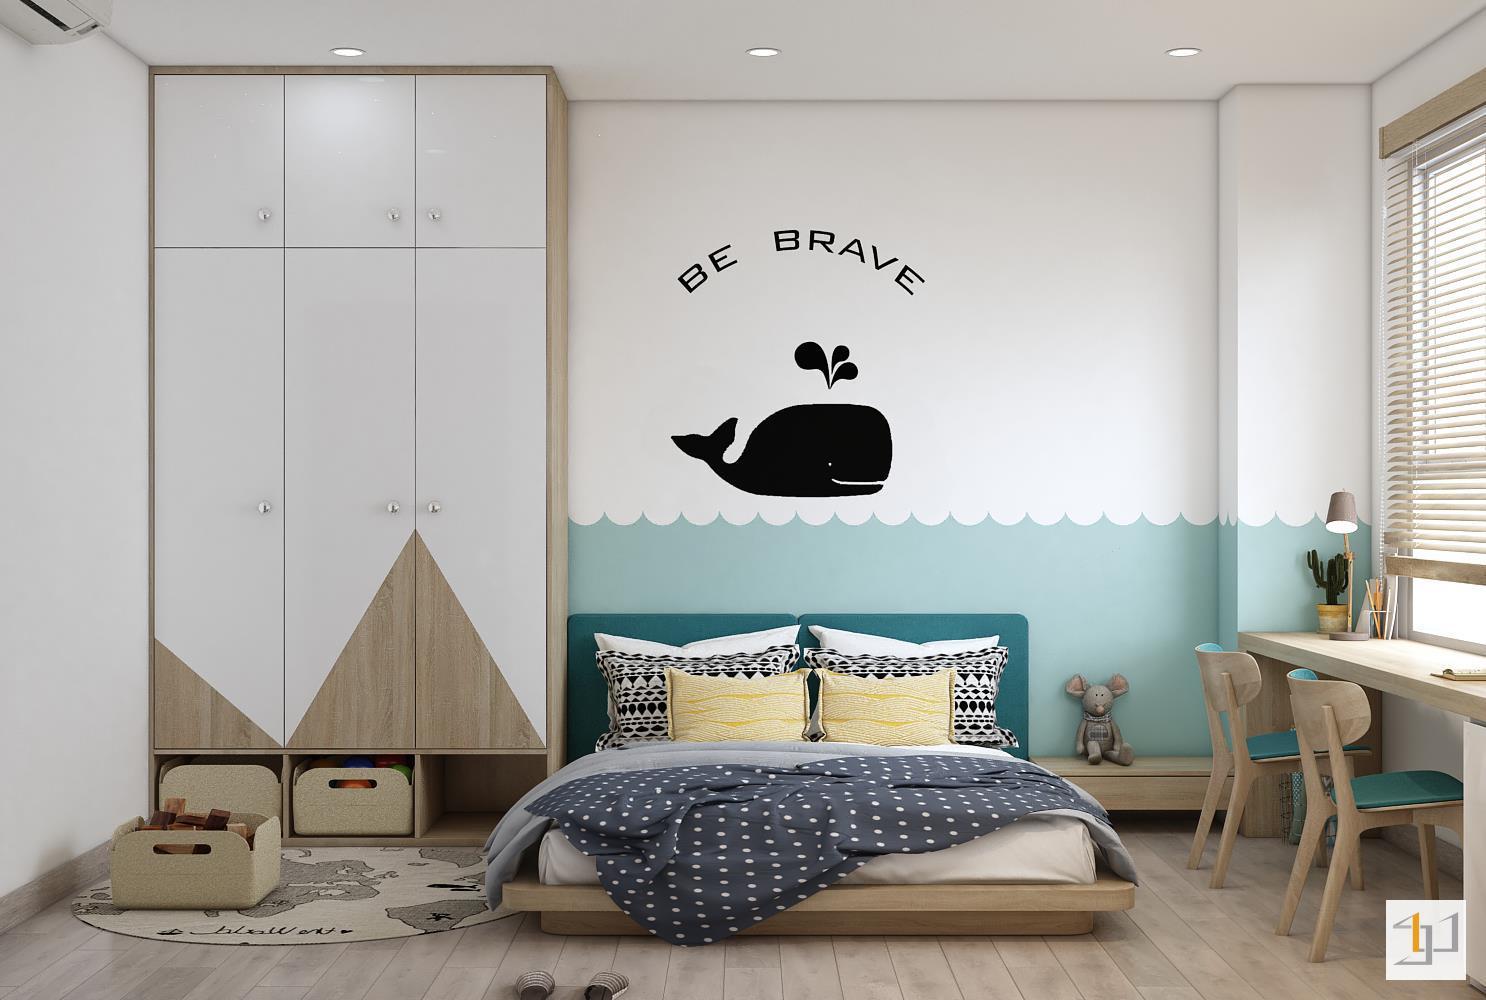 thiết kế nội thất chung cư đơn giản - 15